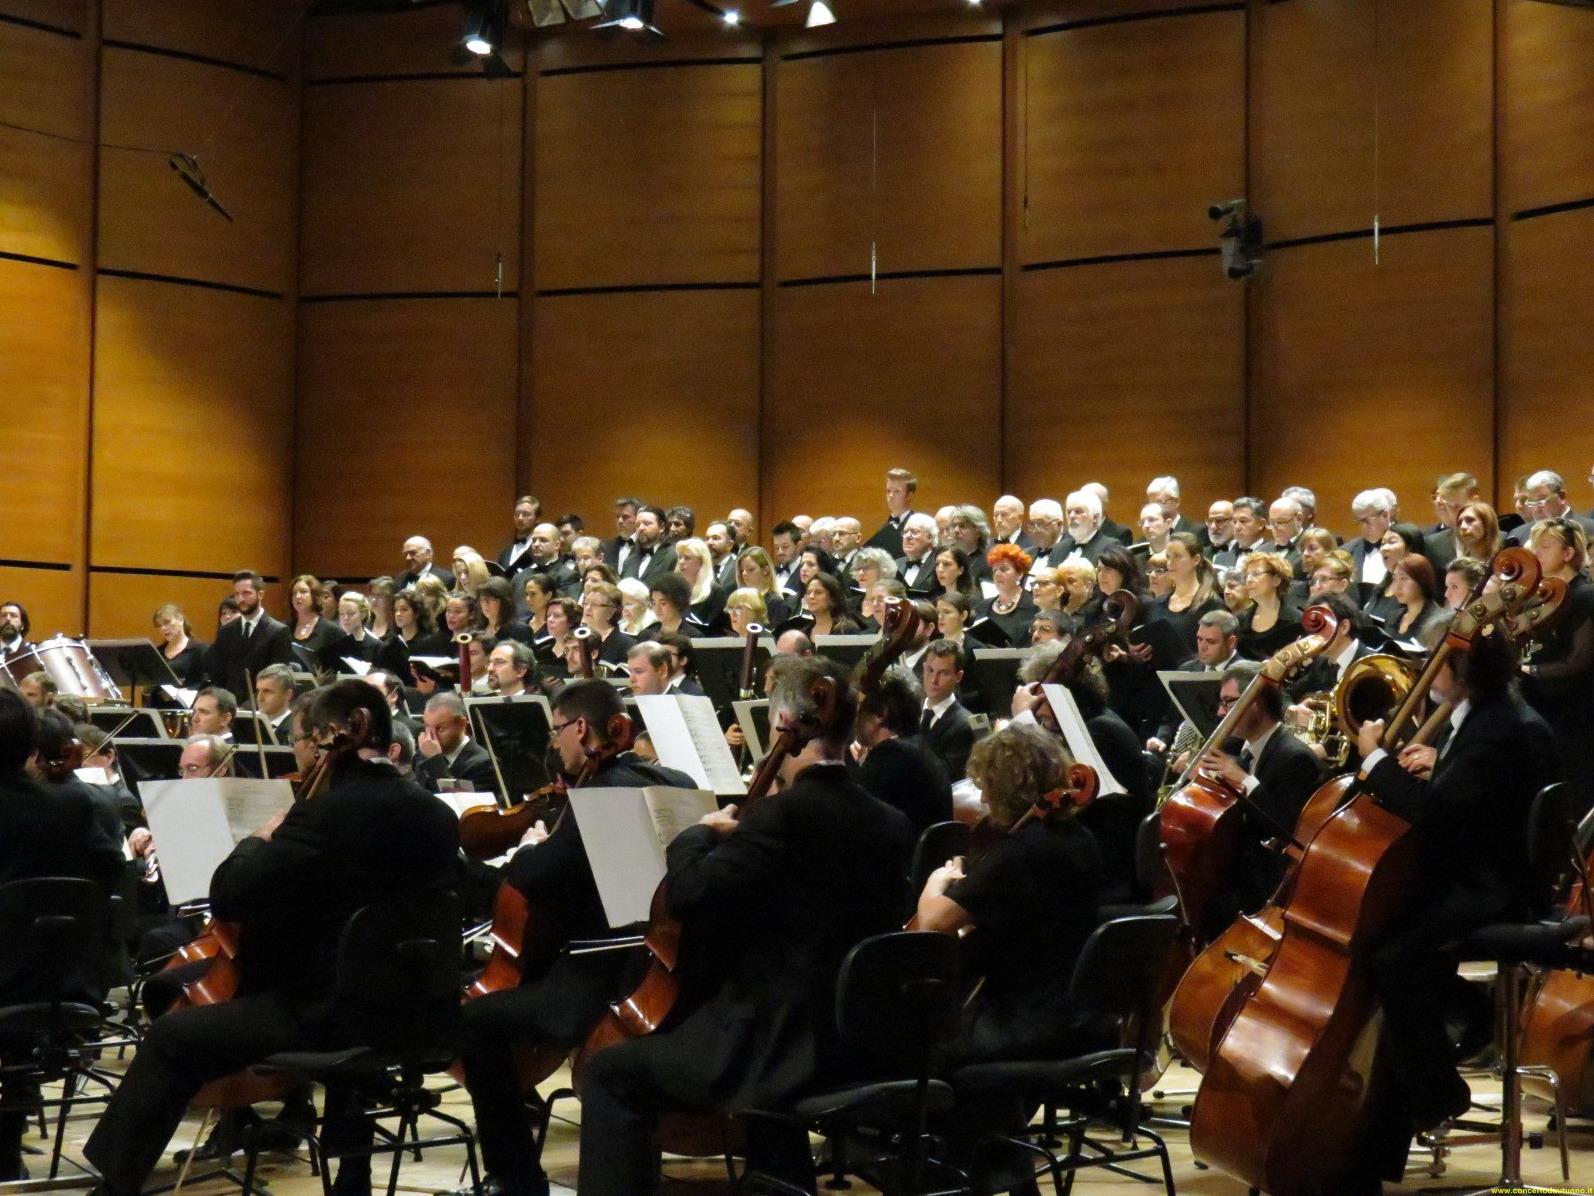 il M° Bignamini dirige orchestra e coro de laVerdi nel Requiem di Verdi - foto Mario Mainino (2)